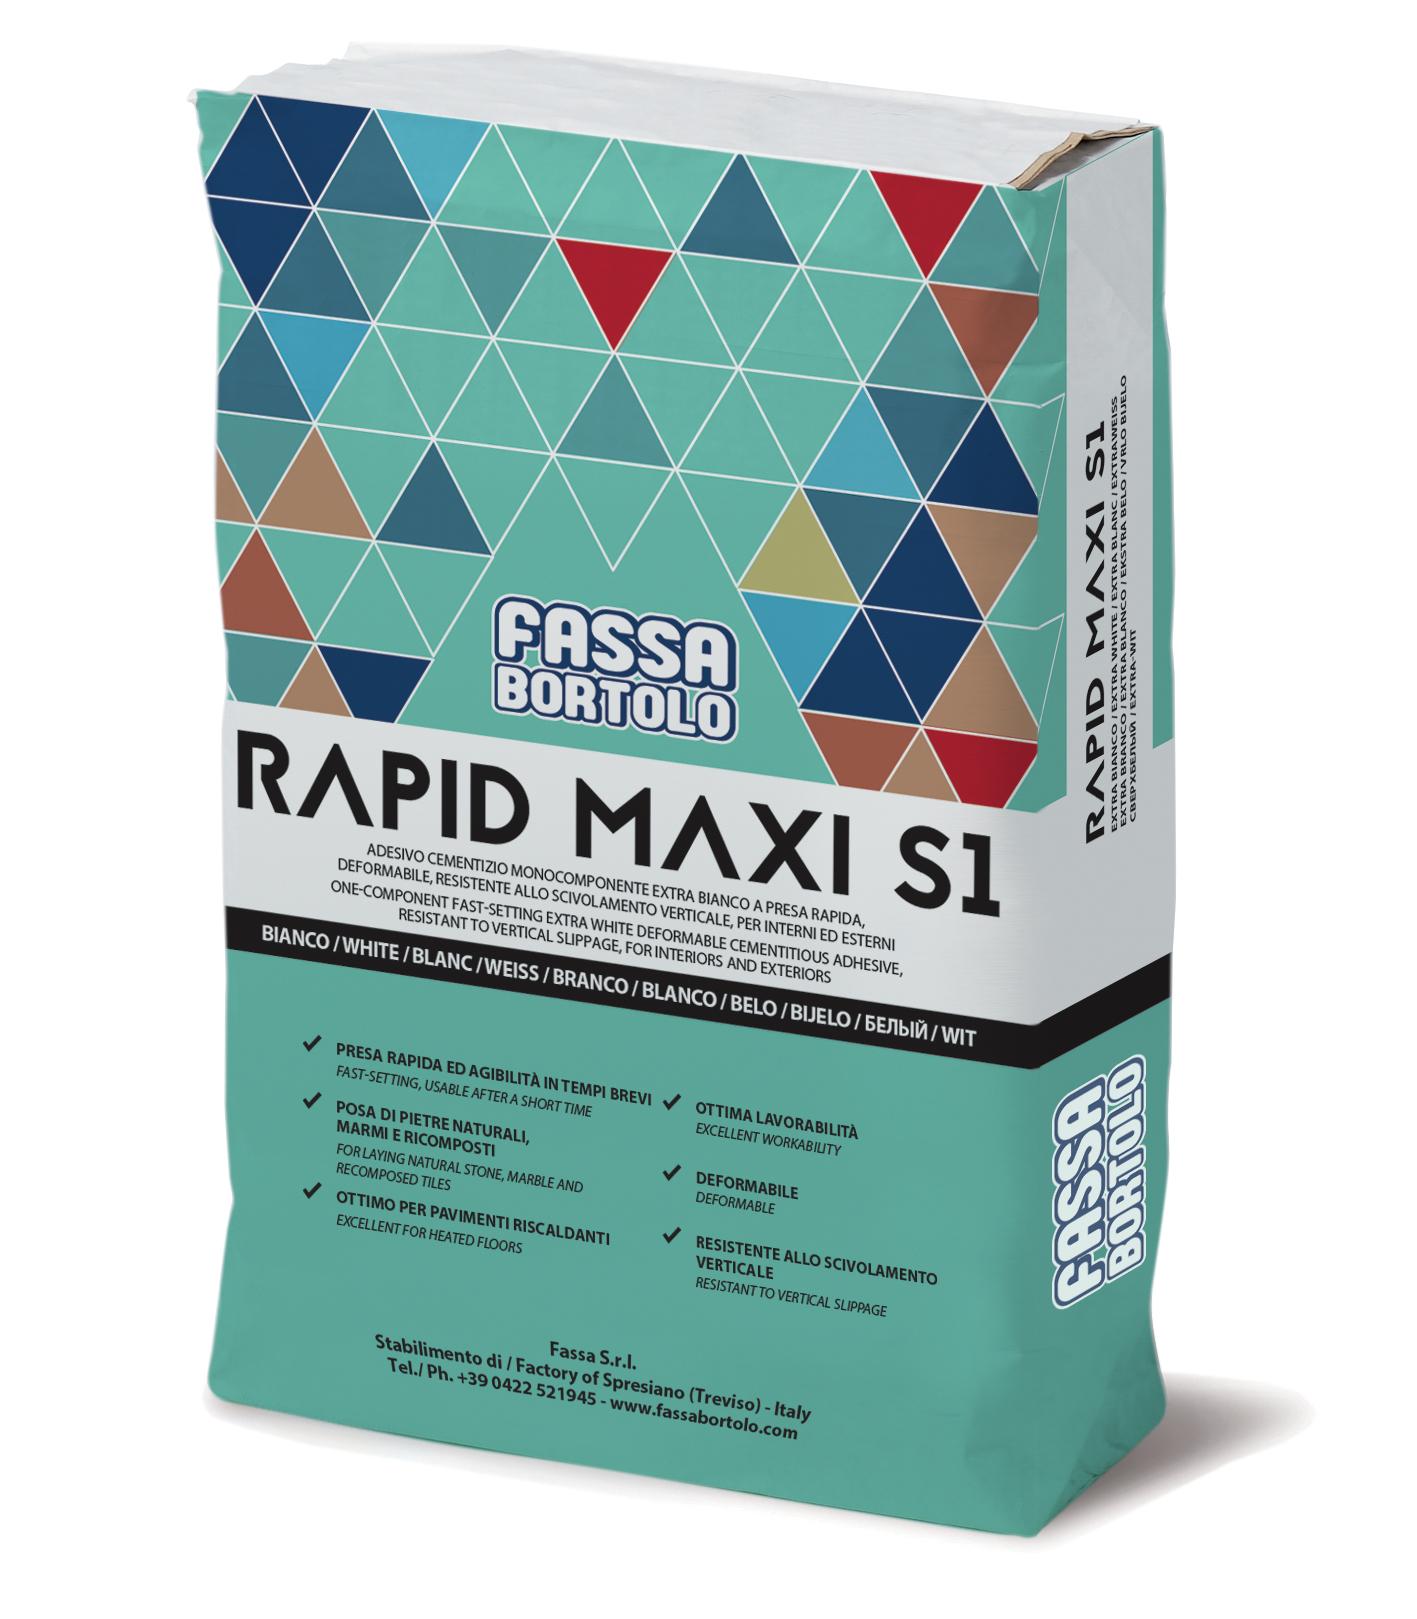 RAPID MAXI S1: Adesivo monocomponente a presa rapida, buona elasticità, extra-bianco e grigio, per pavimenti e rivestimenti sia in esterno che interno